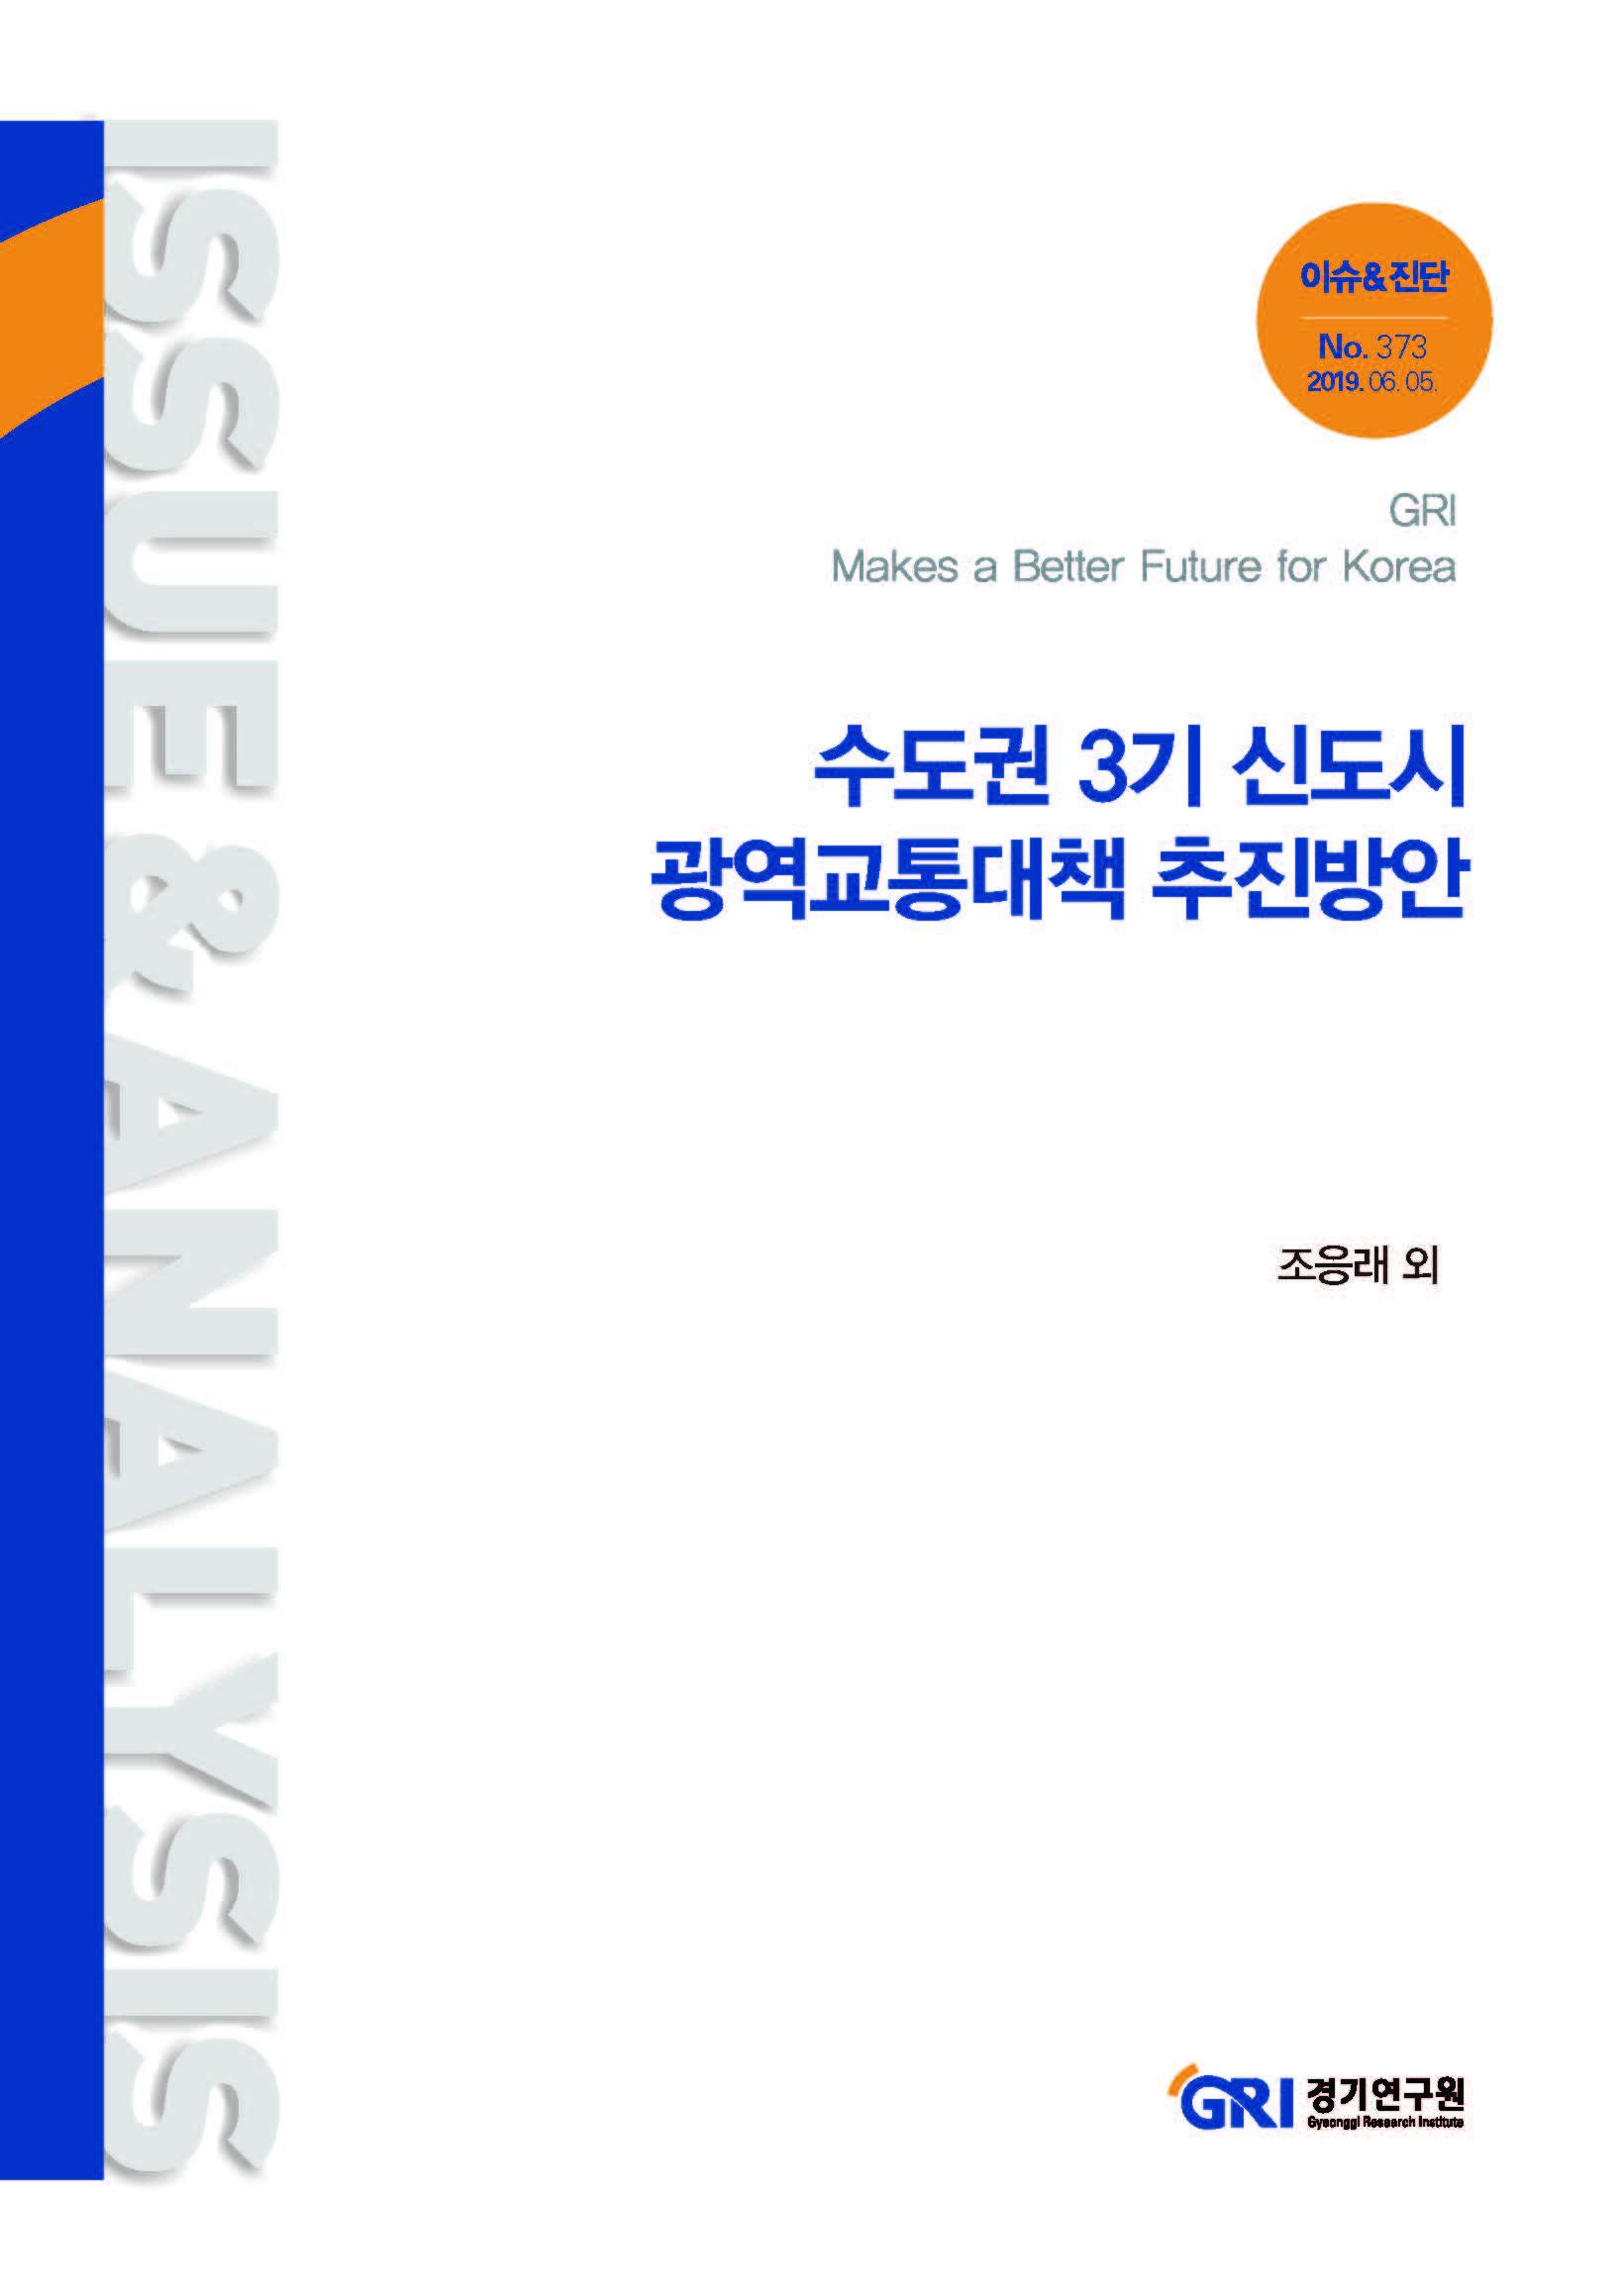 수도권 3기 신도시 광역교통대책 추진방안